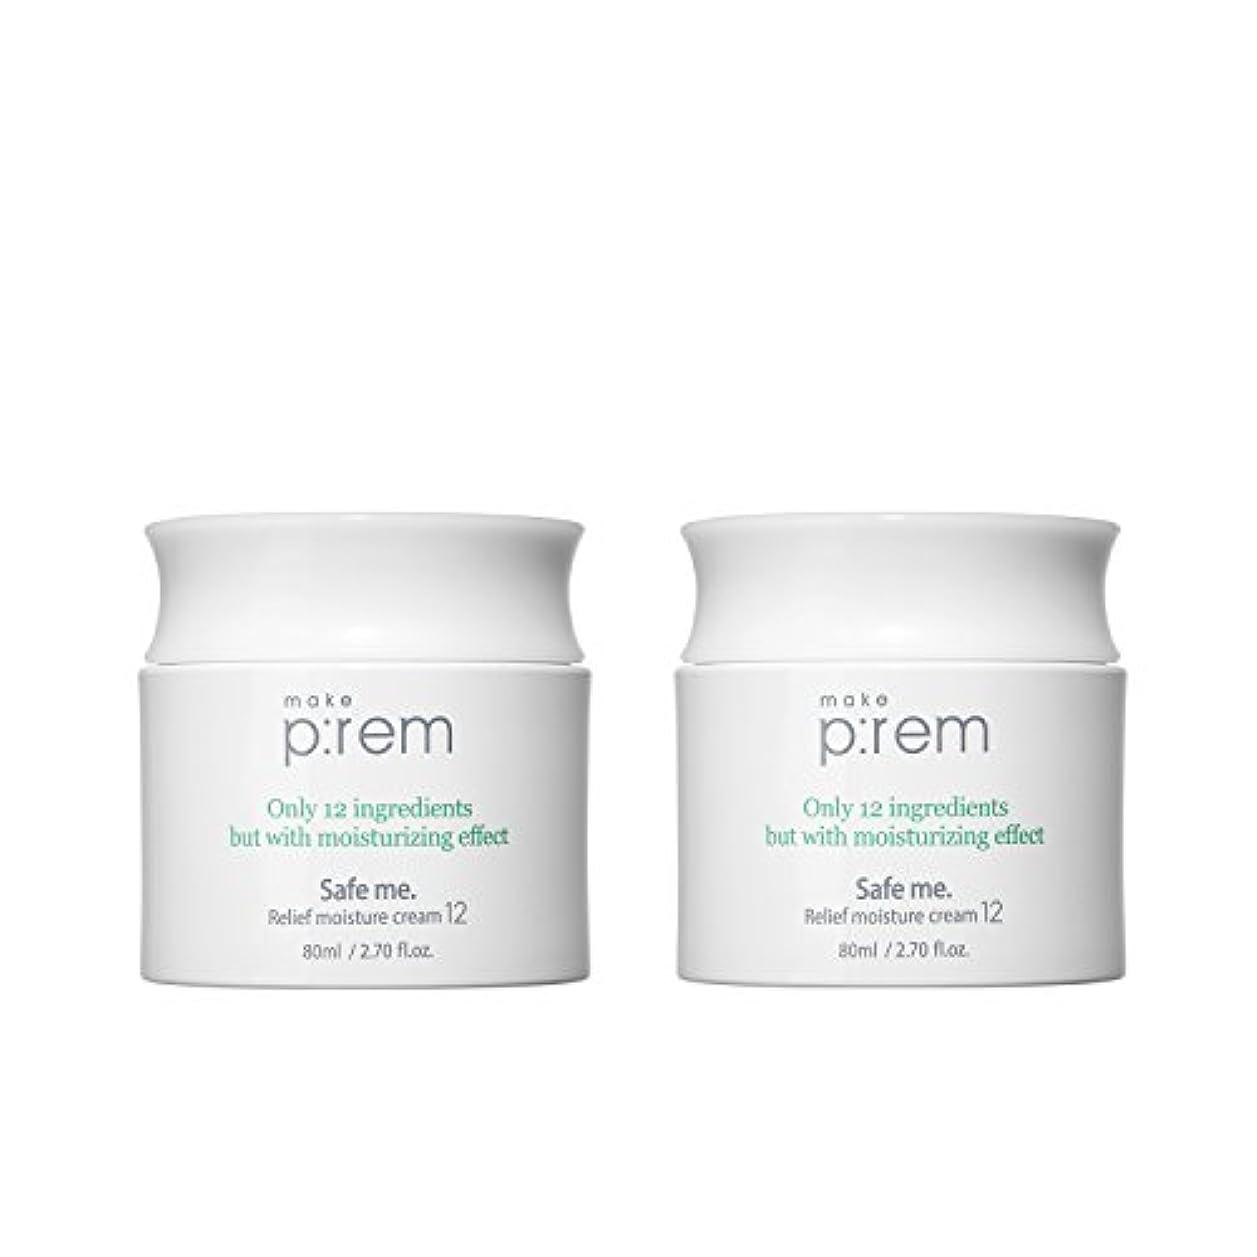 (2個セット) x [MAKE P:REM] メイクプレム セーフミ?リリーフモイスチャークリーム12 80ml / Safe me. Relief moisture Cream 12 80ml / / 韓国製 . 海外直送品